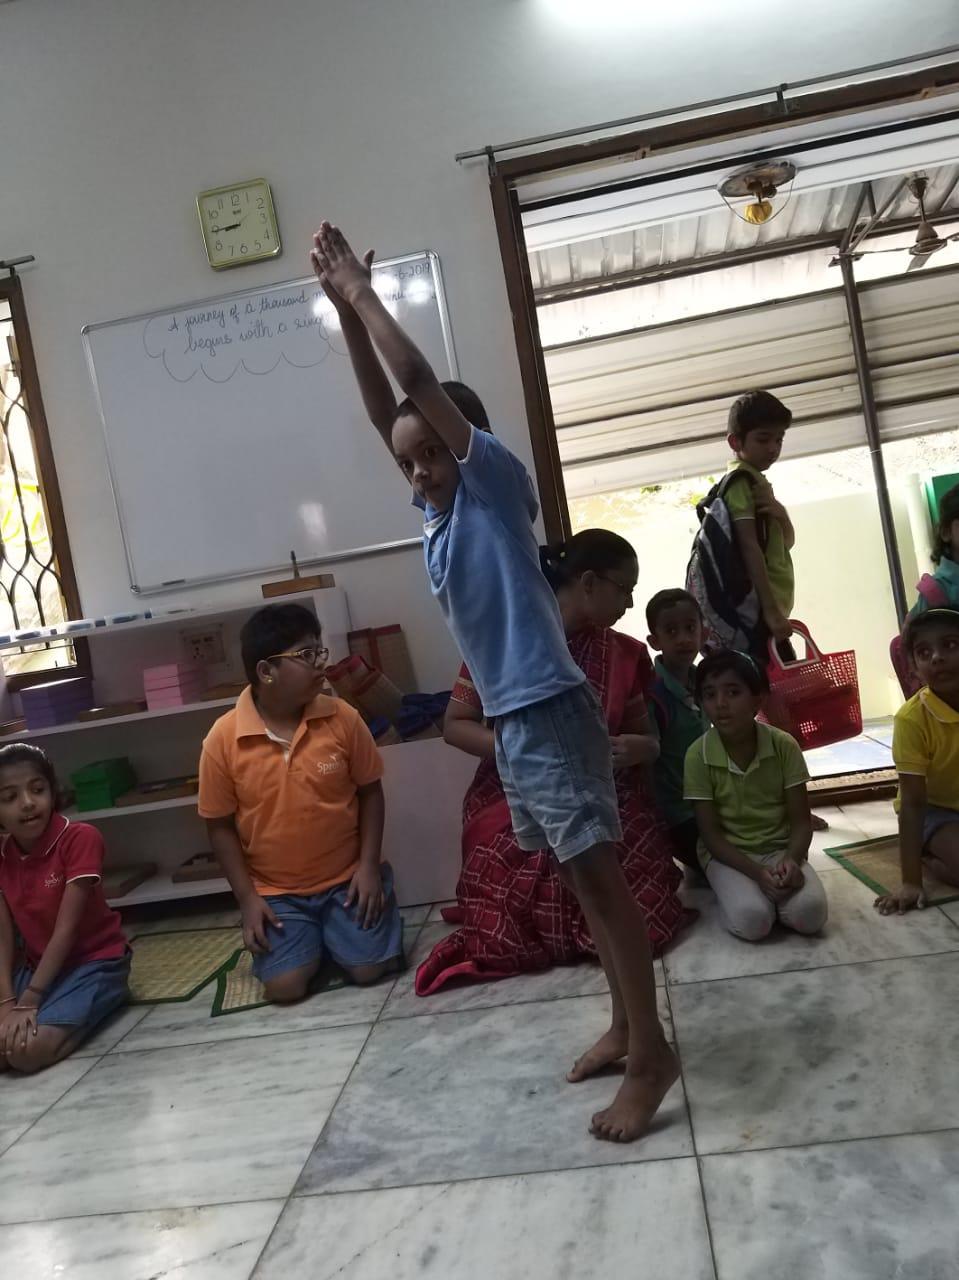 Kawin showcasing  how to balance